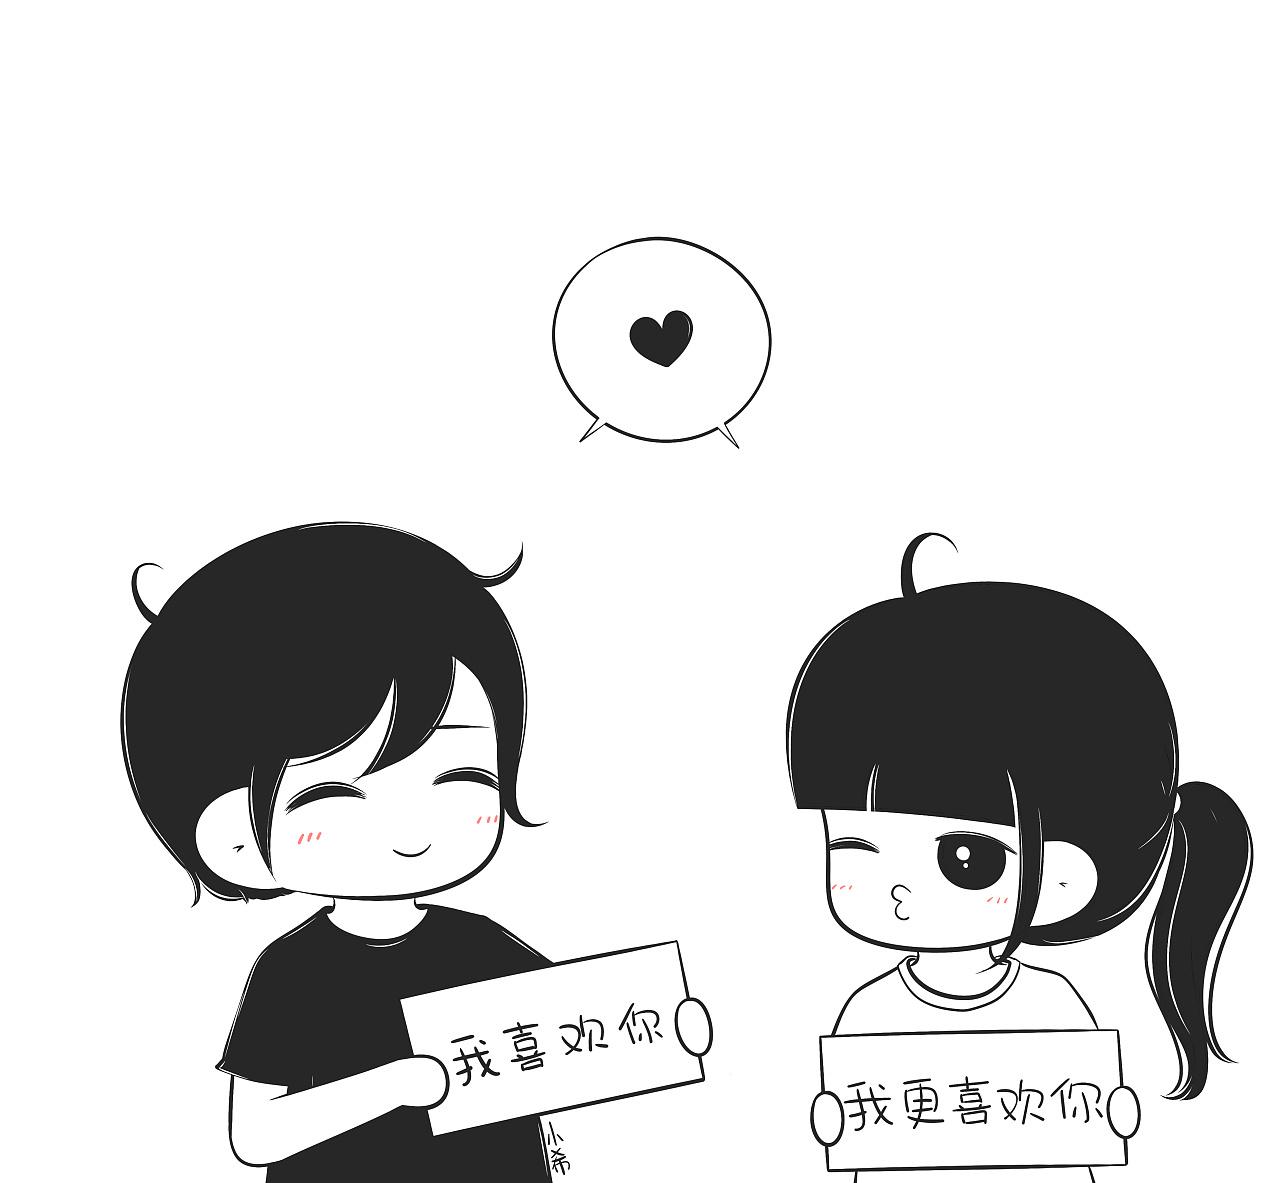 我更喜欢你